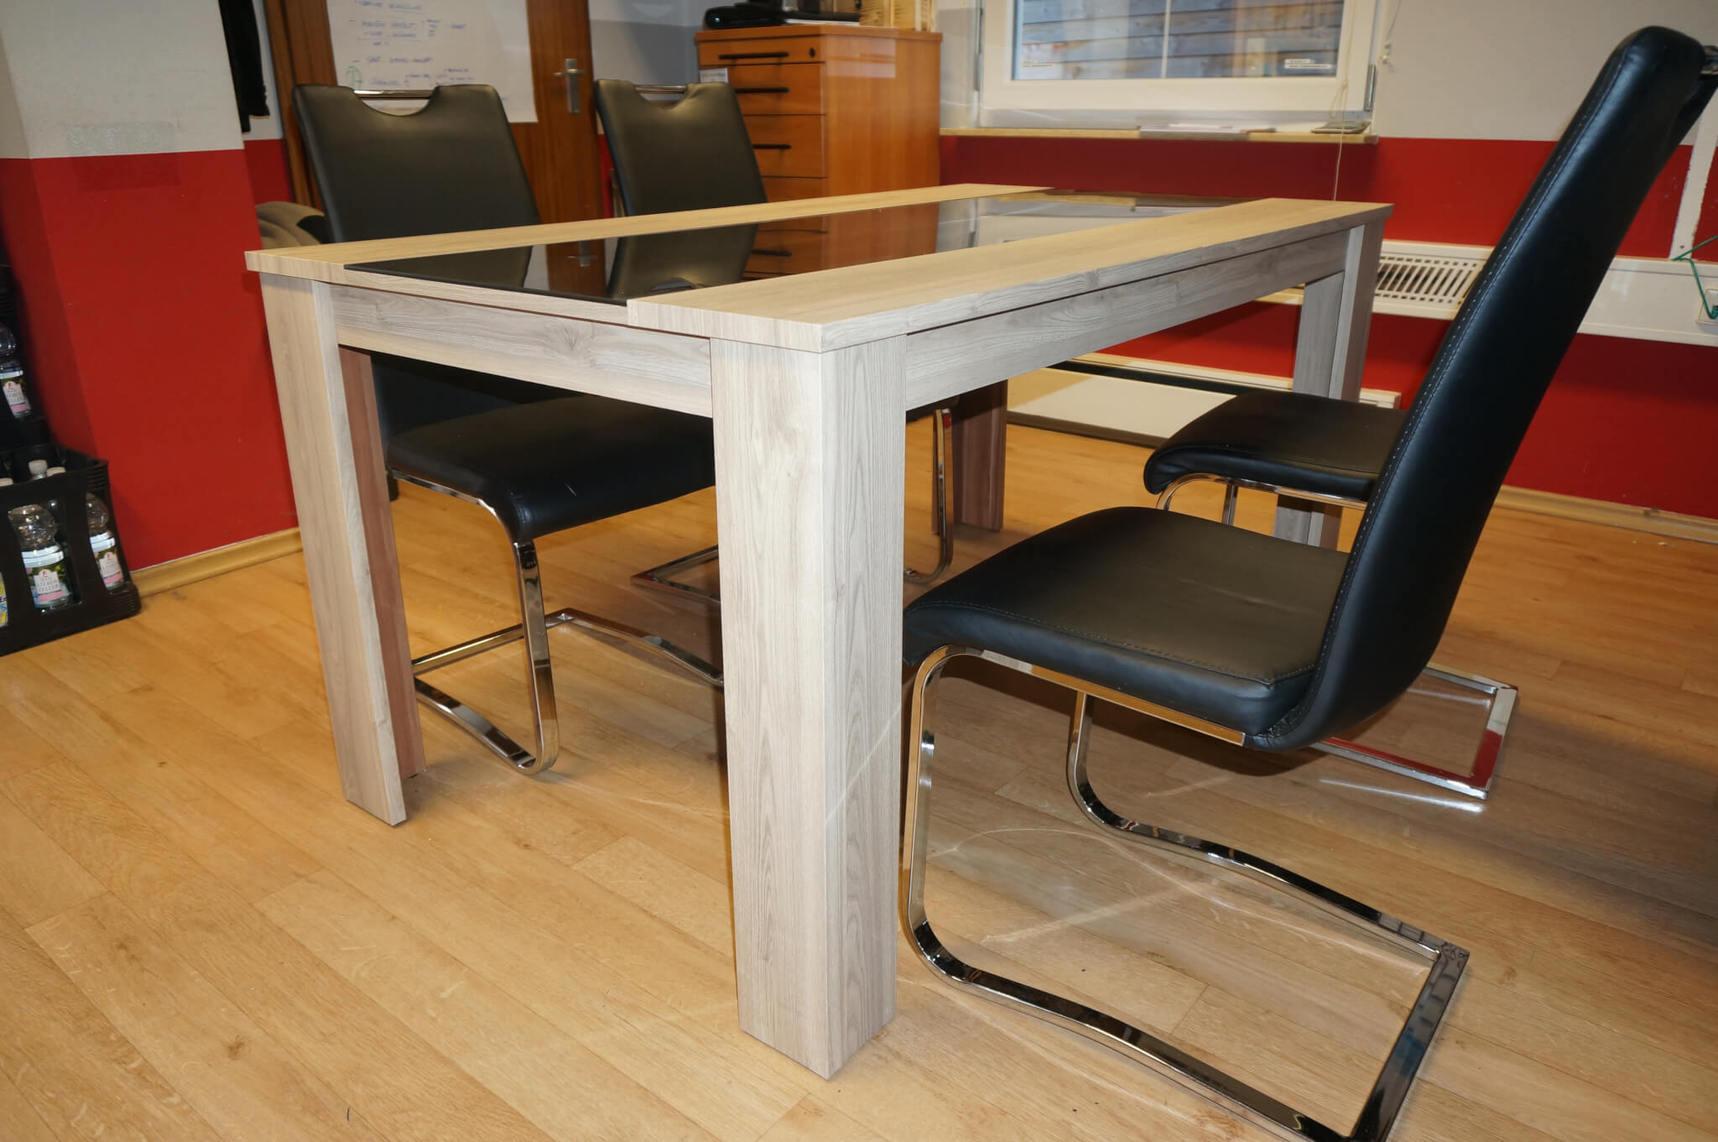 Full Size of Neues Fr Tische Und Tischplatten Bekleben Resimdo Sitzbank Küche Deckenleuchte Amerikanische Kaufen Doppelblock Altholz Esstisch Holzbank Garten Ebay Wohnzimmer Arbeitstisch Küche Holz